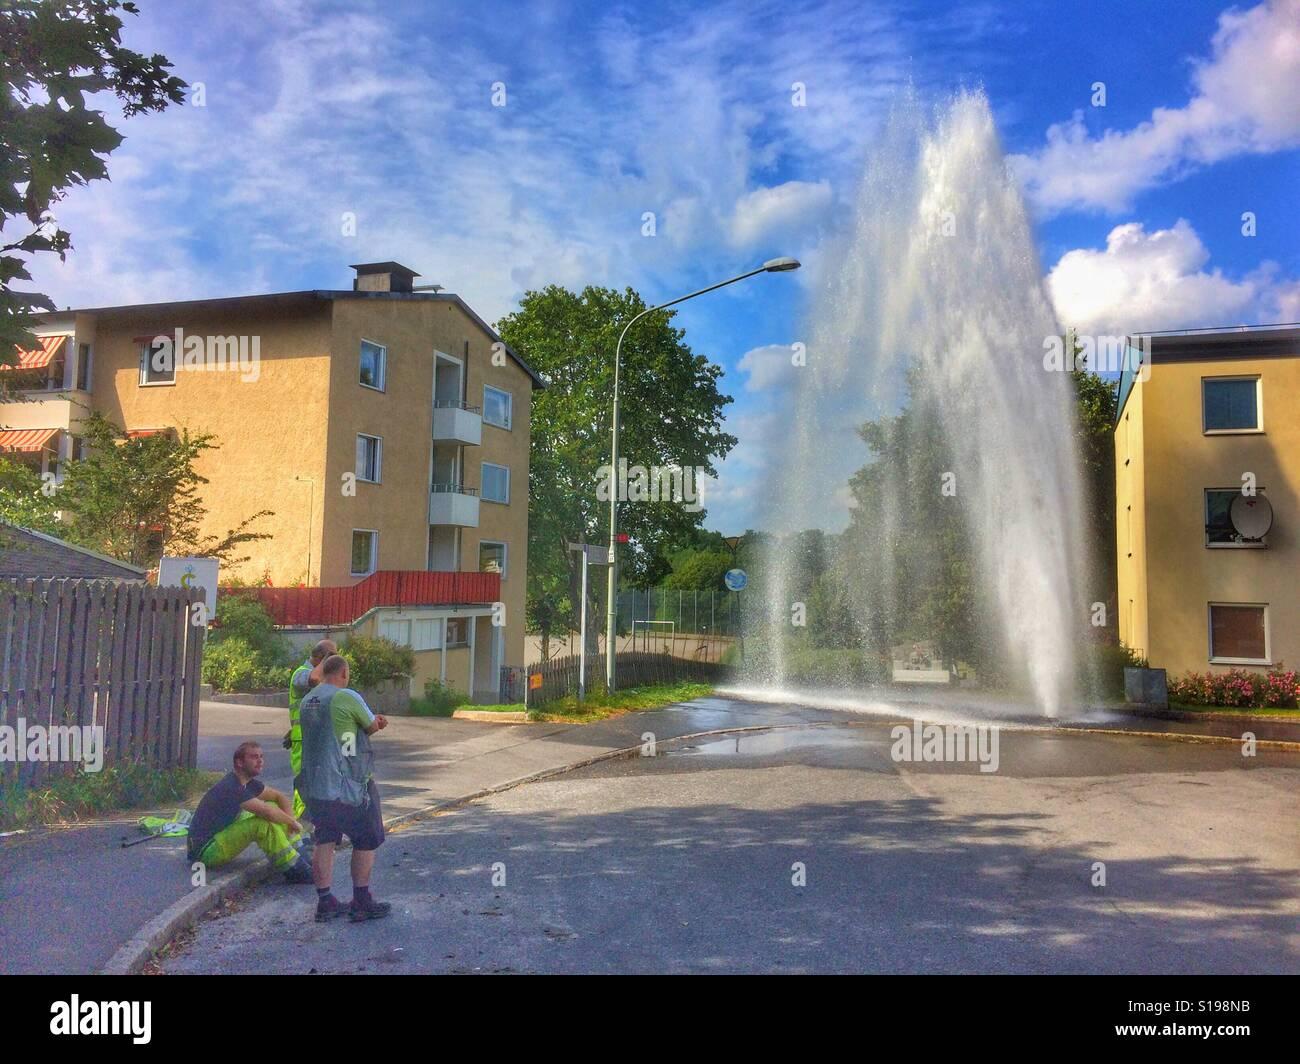 Fuite d'eau spectaculaire de Sätra, Suède. Banque D'Images